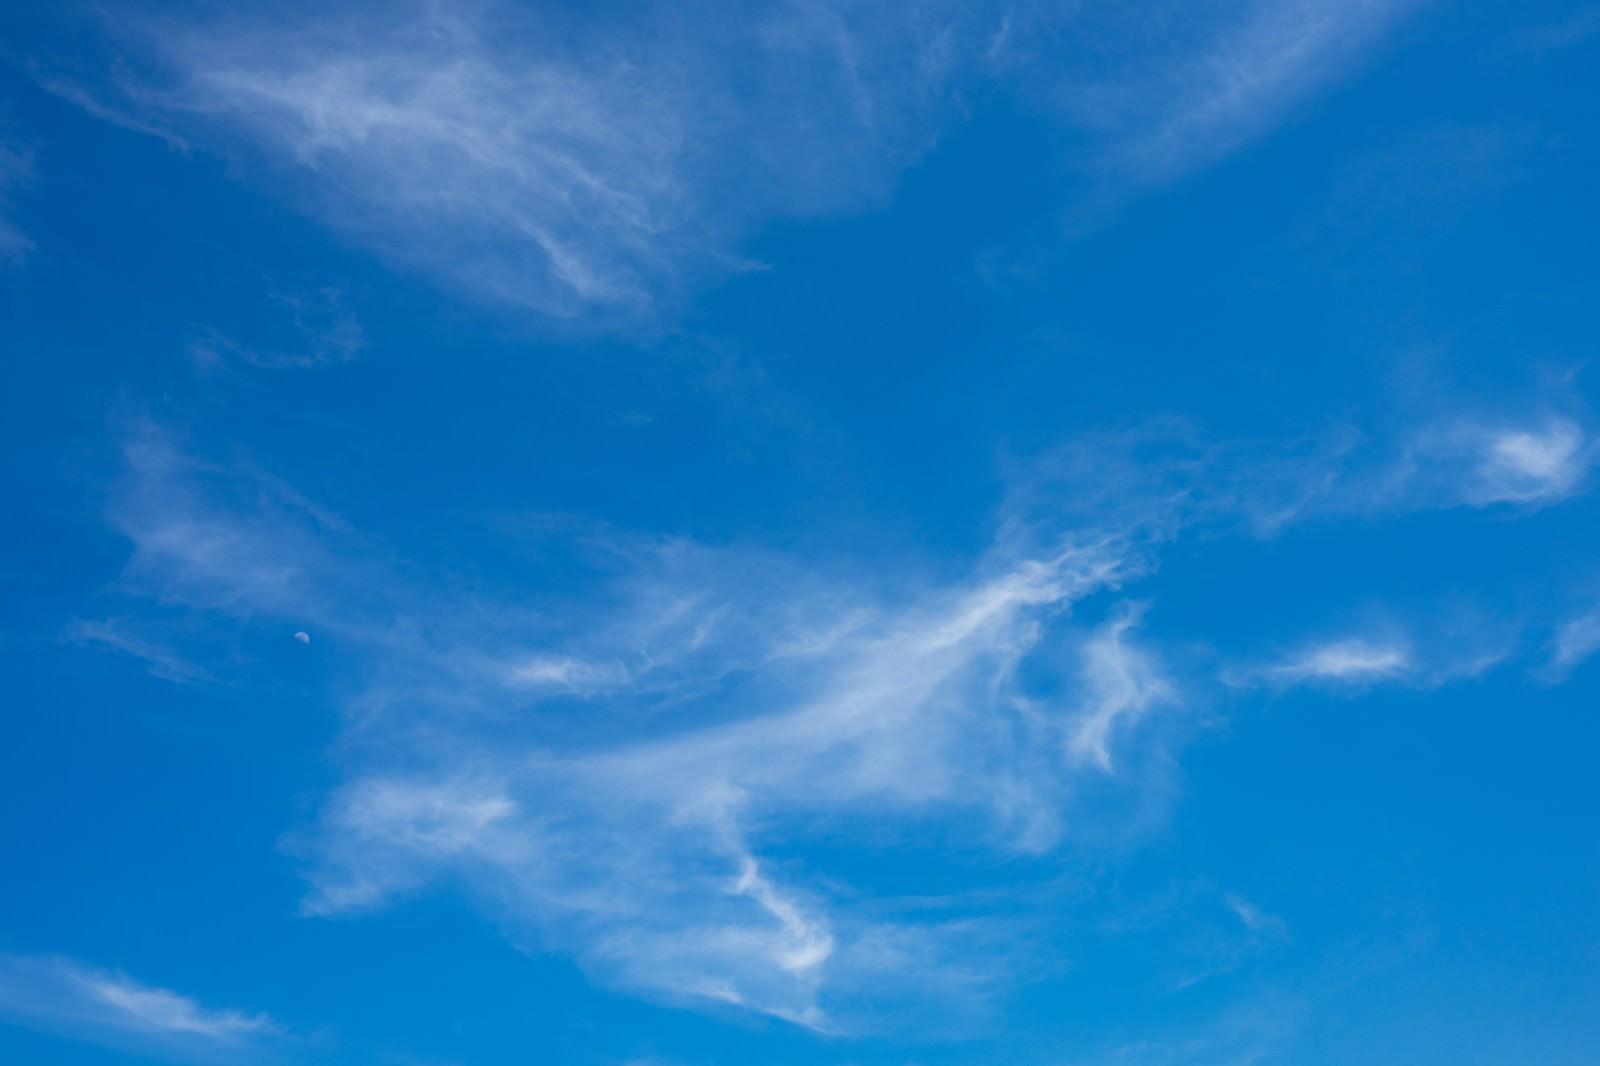 「うすいベールの雲うすいベールの雲」のフリー写真素材を拡大